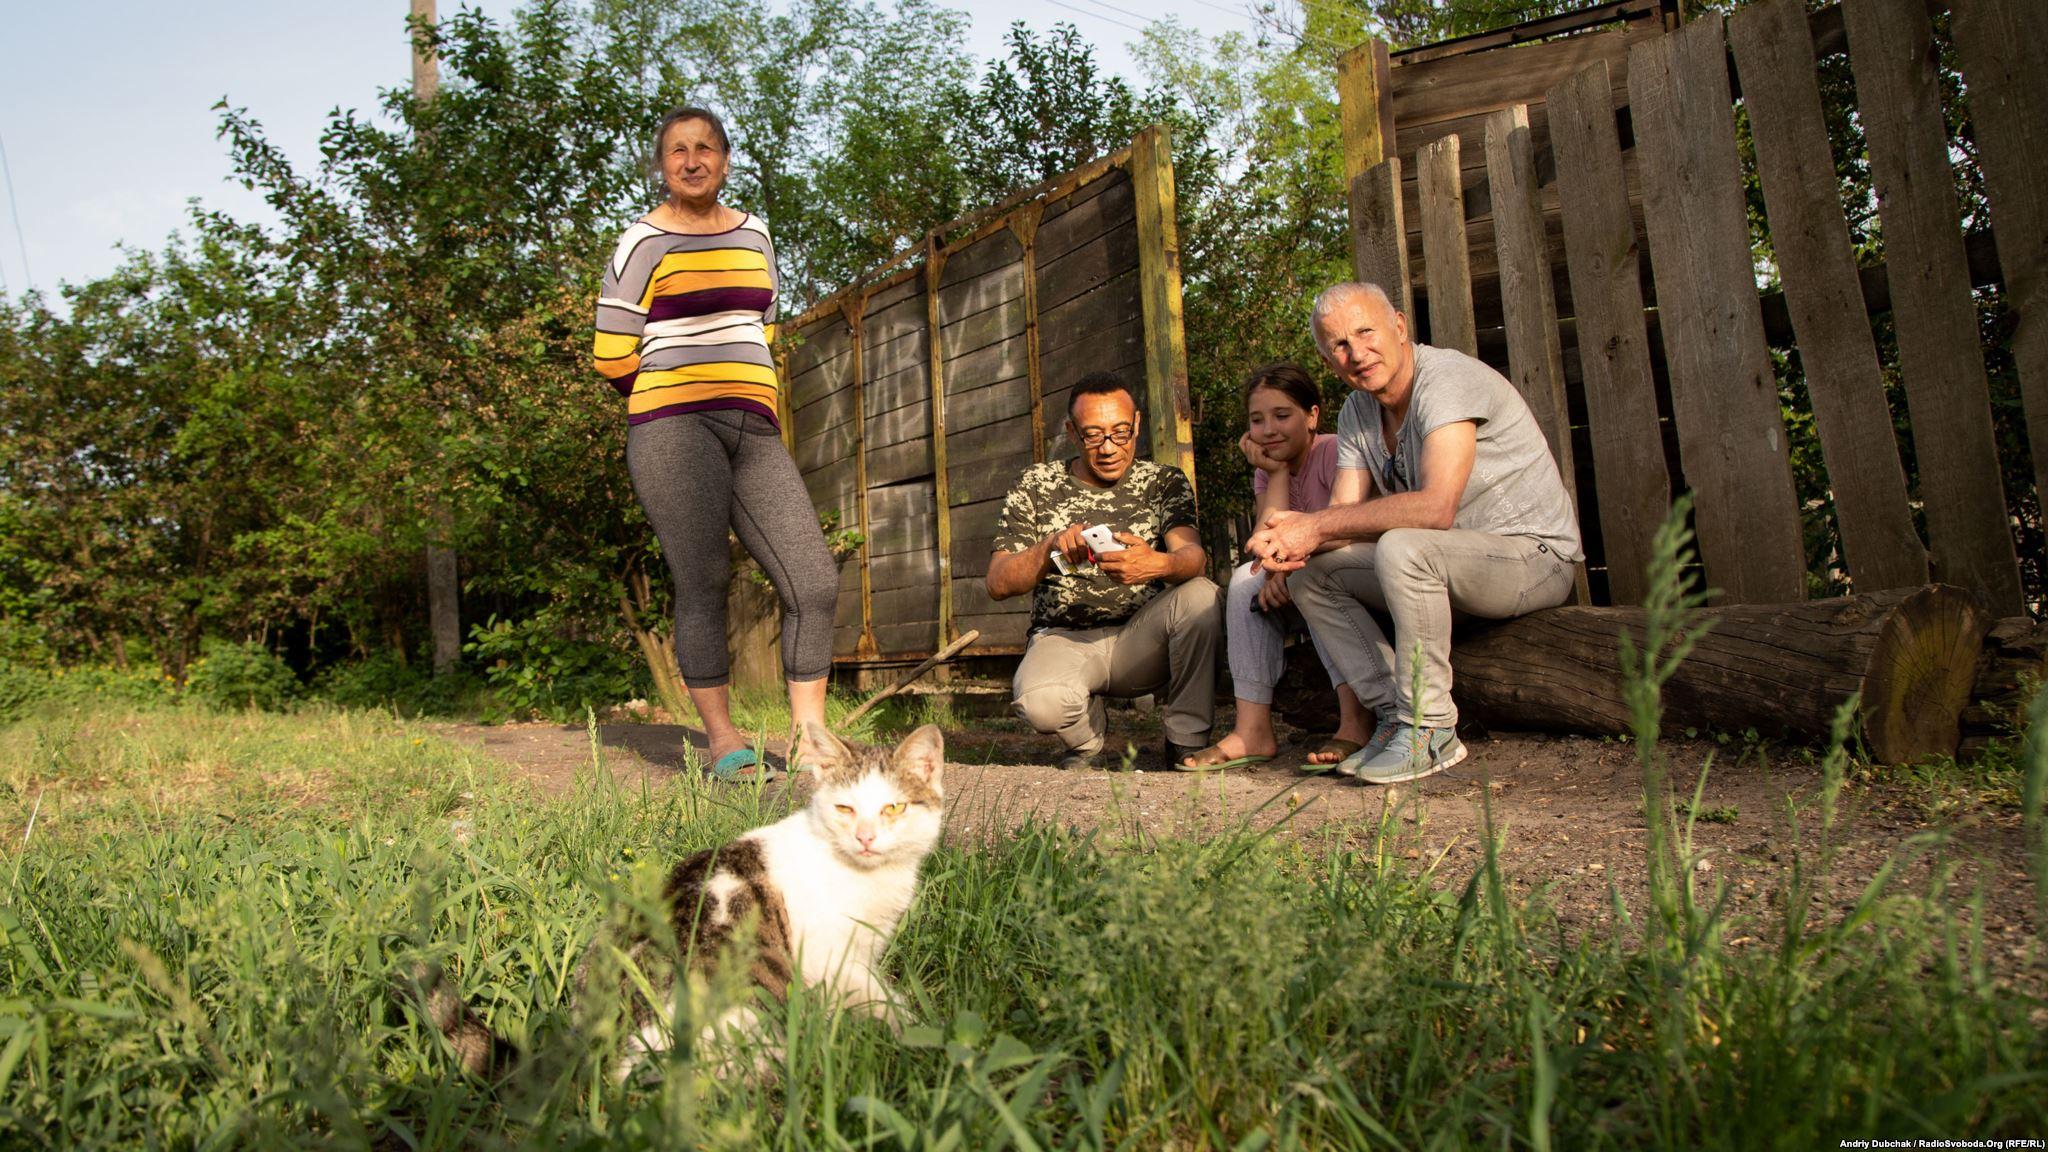 Ольга, Тоні, Настя та Андре-Мирослав біля воріт будинку, де живе Настя у Воядному (фотограф Андрей Дубчак)